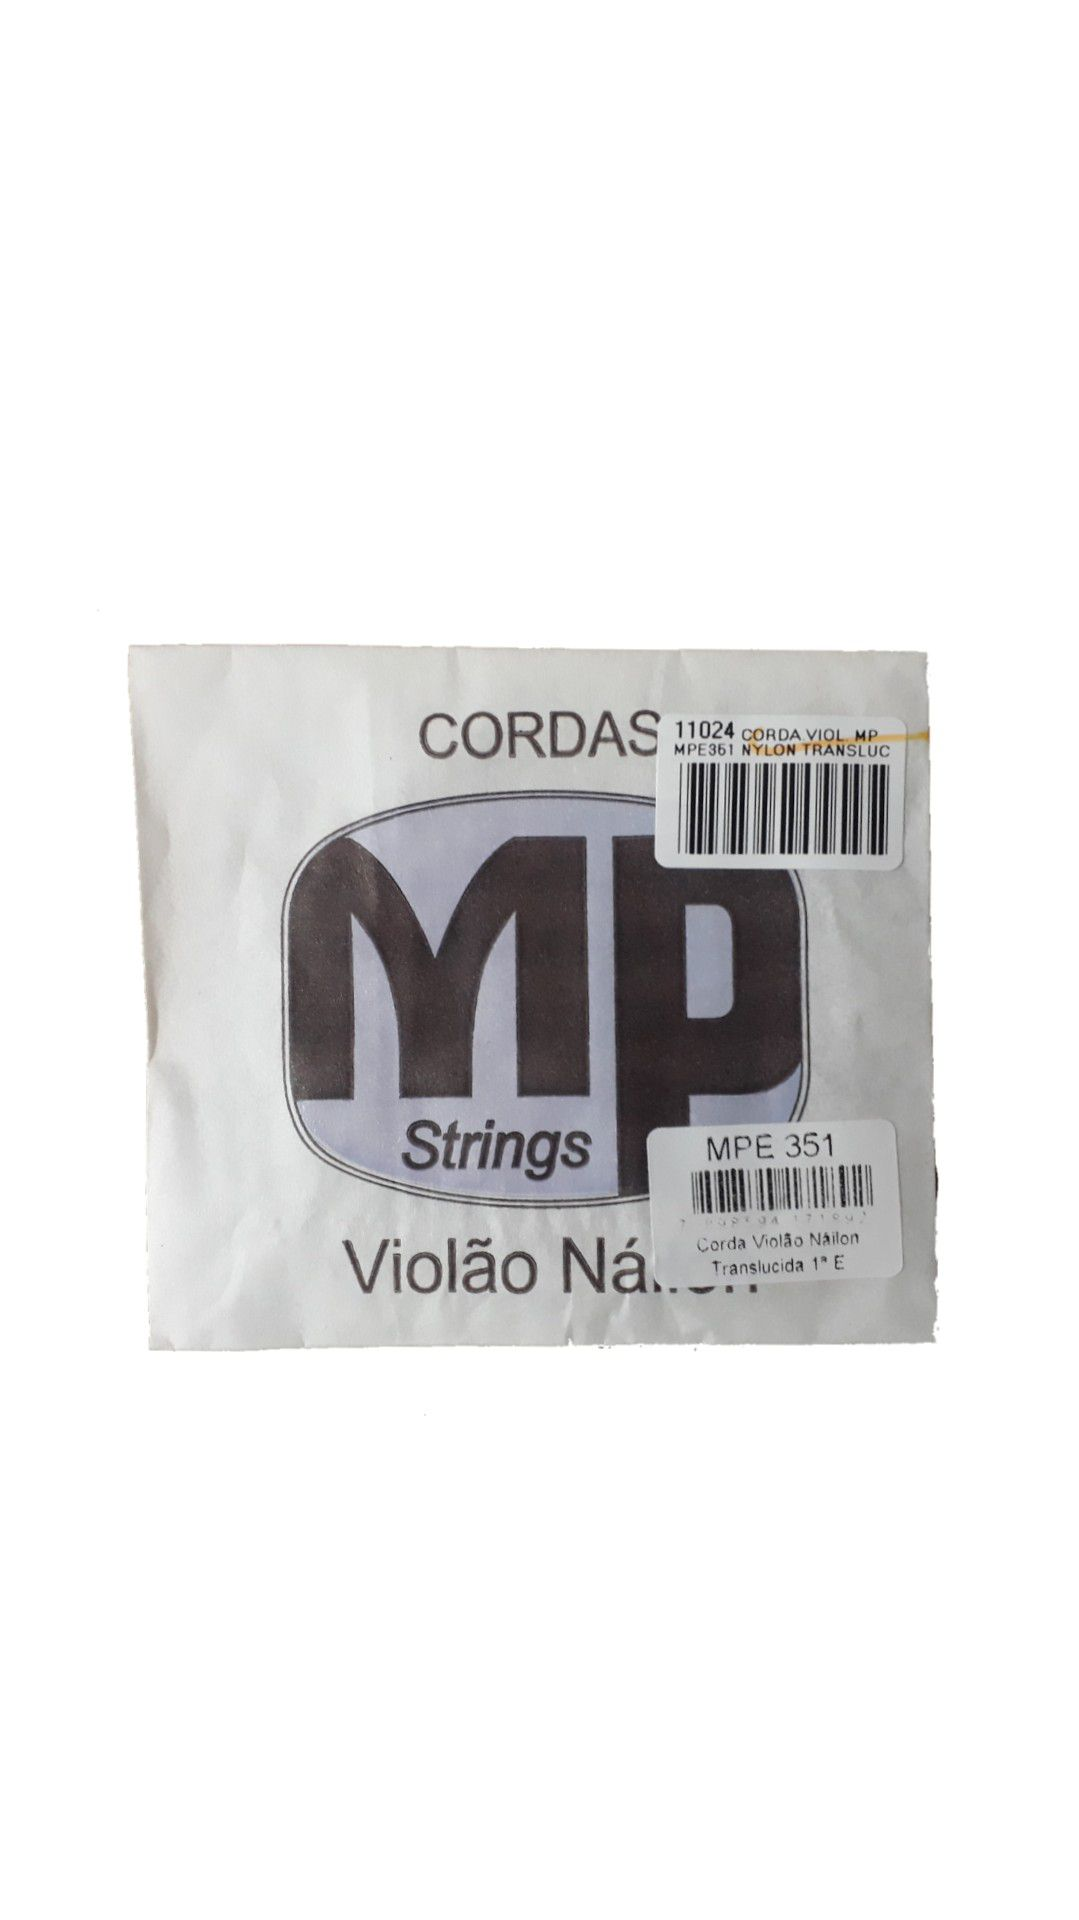 Corda Violão Mp Mpe351 Nylon Translucida 1ª E/mi C/bolinha